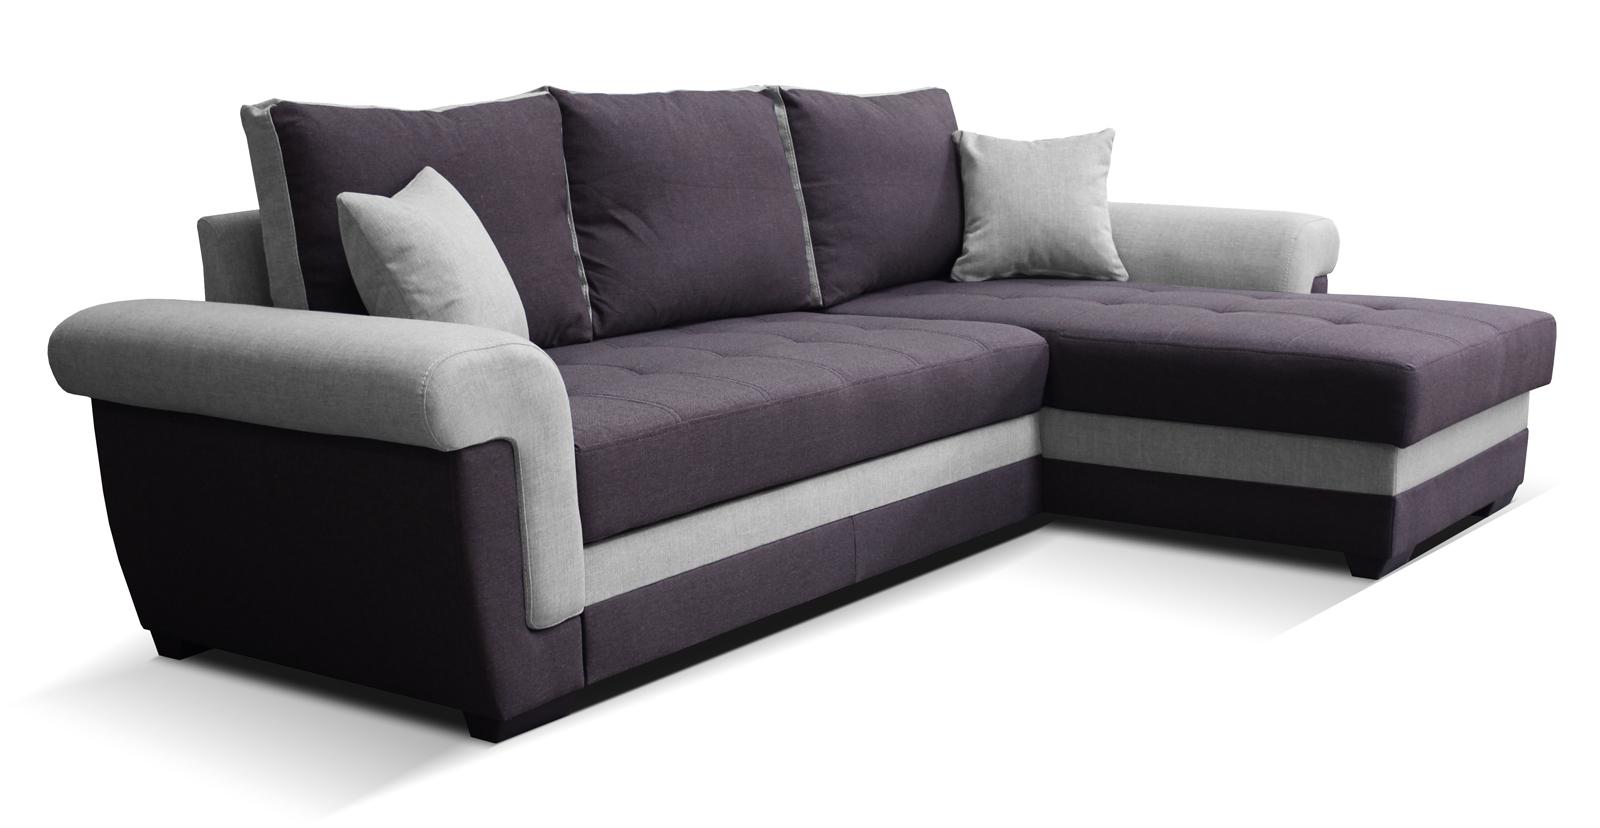 Rohová sedací souprava - Po-Sed - Rony 2F+L (fialová + šedá) (P)